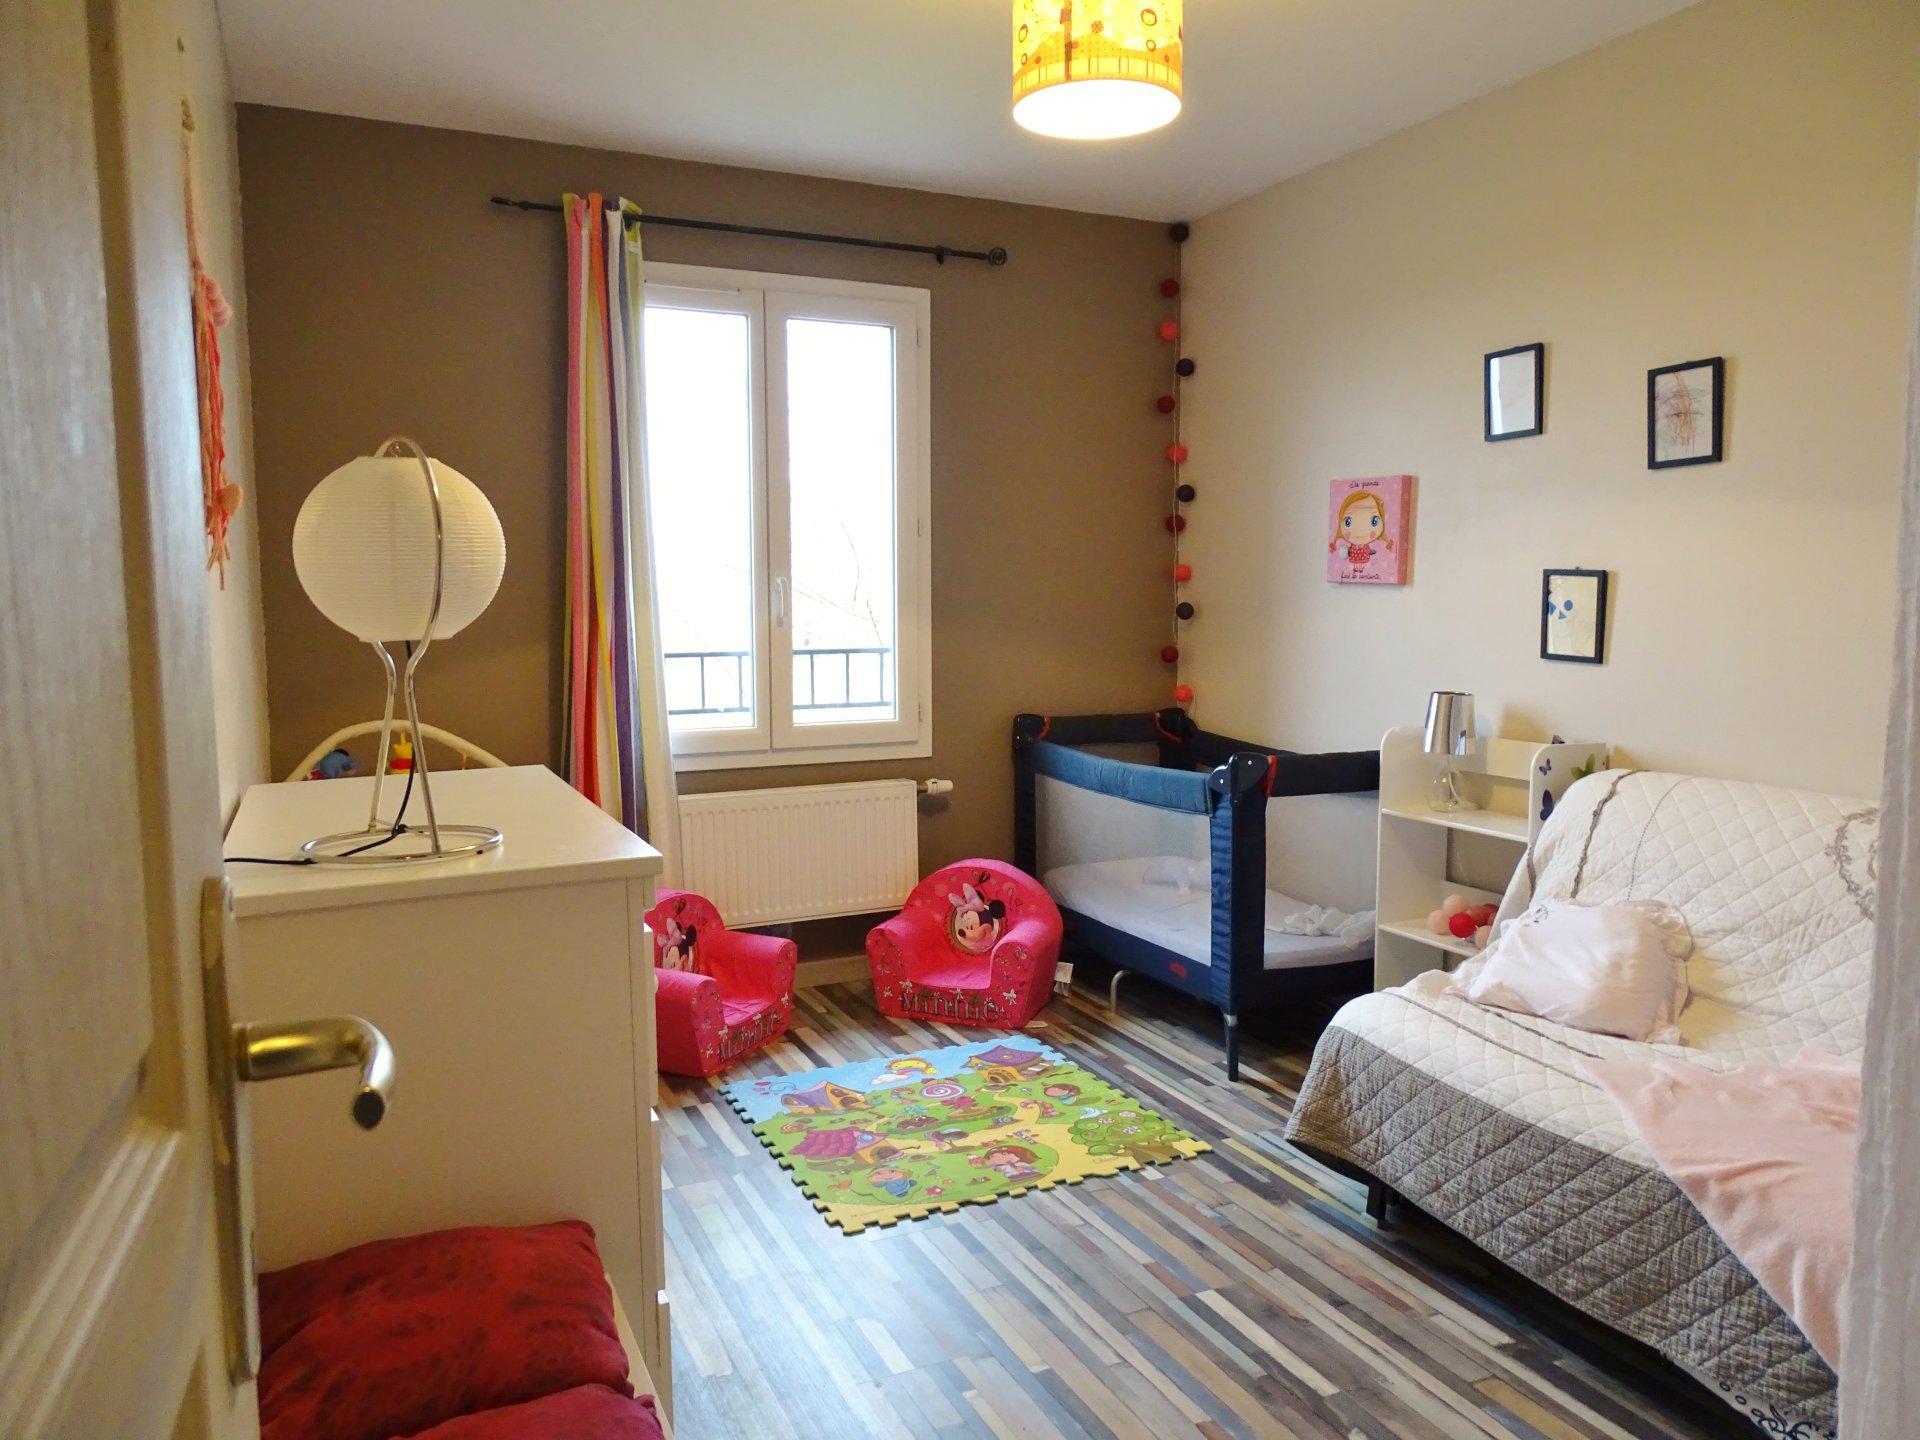 Située sur Sennecé, cette maison construite en 2011 se compose d'une entrée desservant la cuisine équipée et un agréable séjour très lumineux de 34 m² donnant directement sur la terrasse et son petit jardin. L'étage offre 3 chambres (12, 10,2 et 13 m²), une salle de bains et une salle de douche. Garage de 24 m². Parfaitement entretenue et bien isolée cette maison est garantie jusqu'en 2021. Chauffage au gaz. Honoraires à la charges des vendeurs.